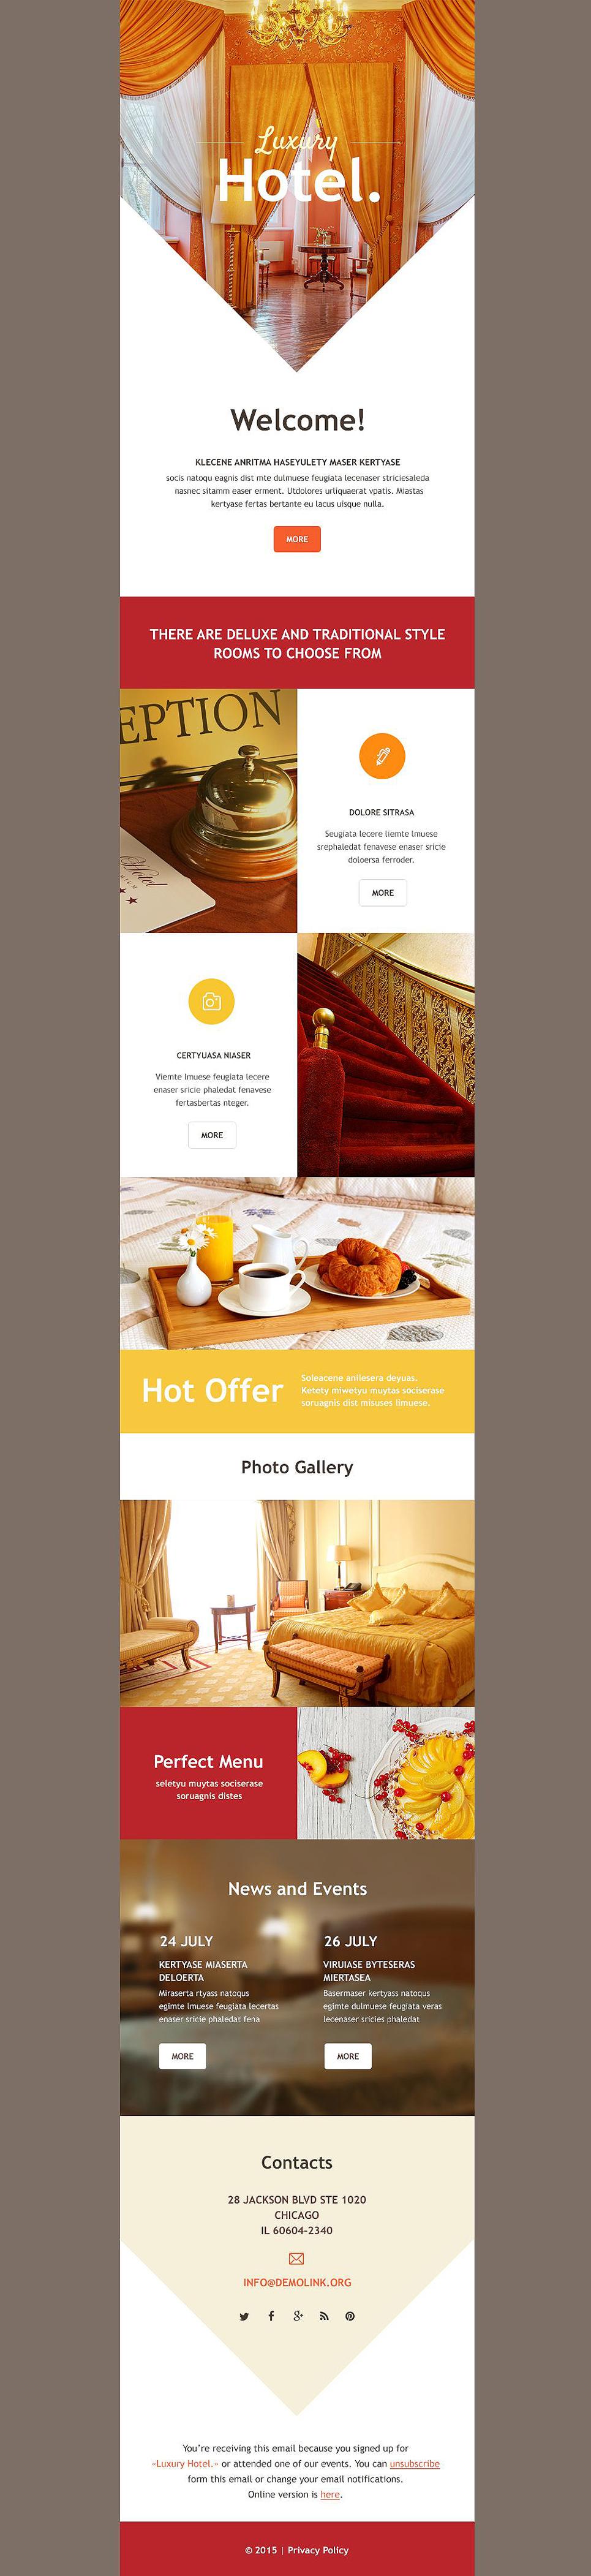 hotels responsive newsletter template 54740. Black Bedroom Furniture Sets. Home Design Ideas